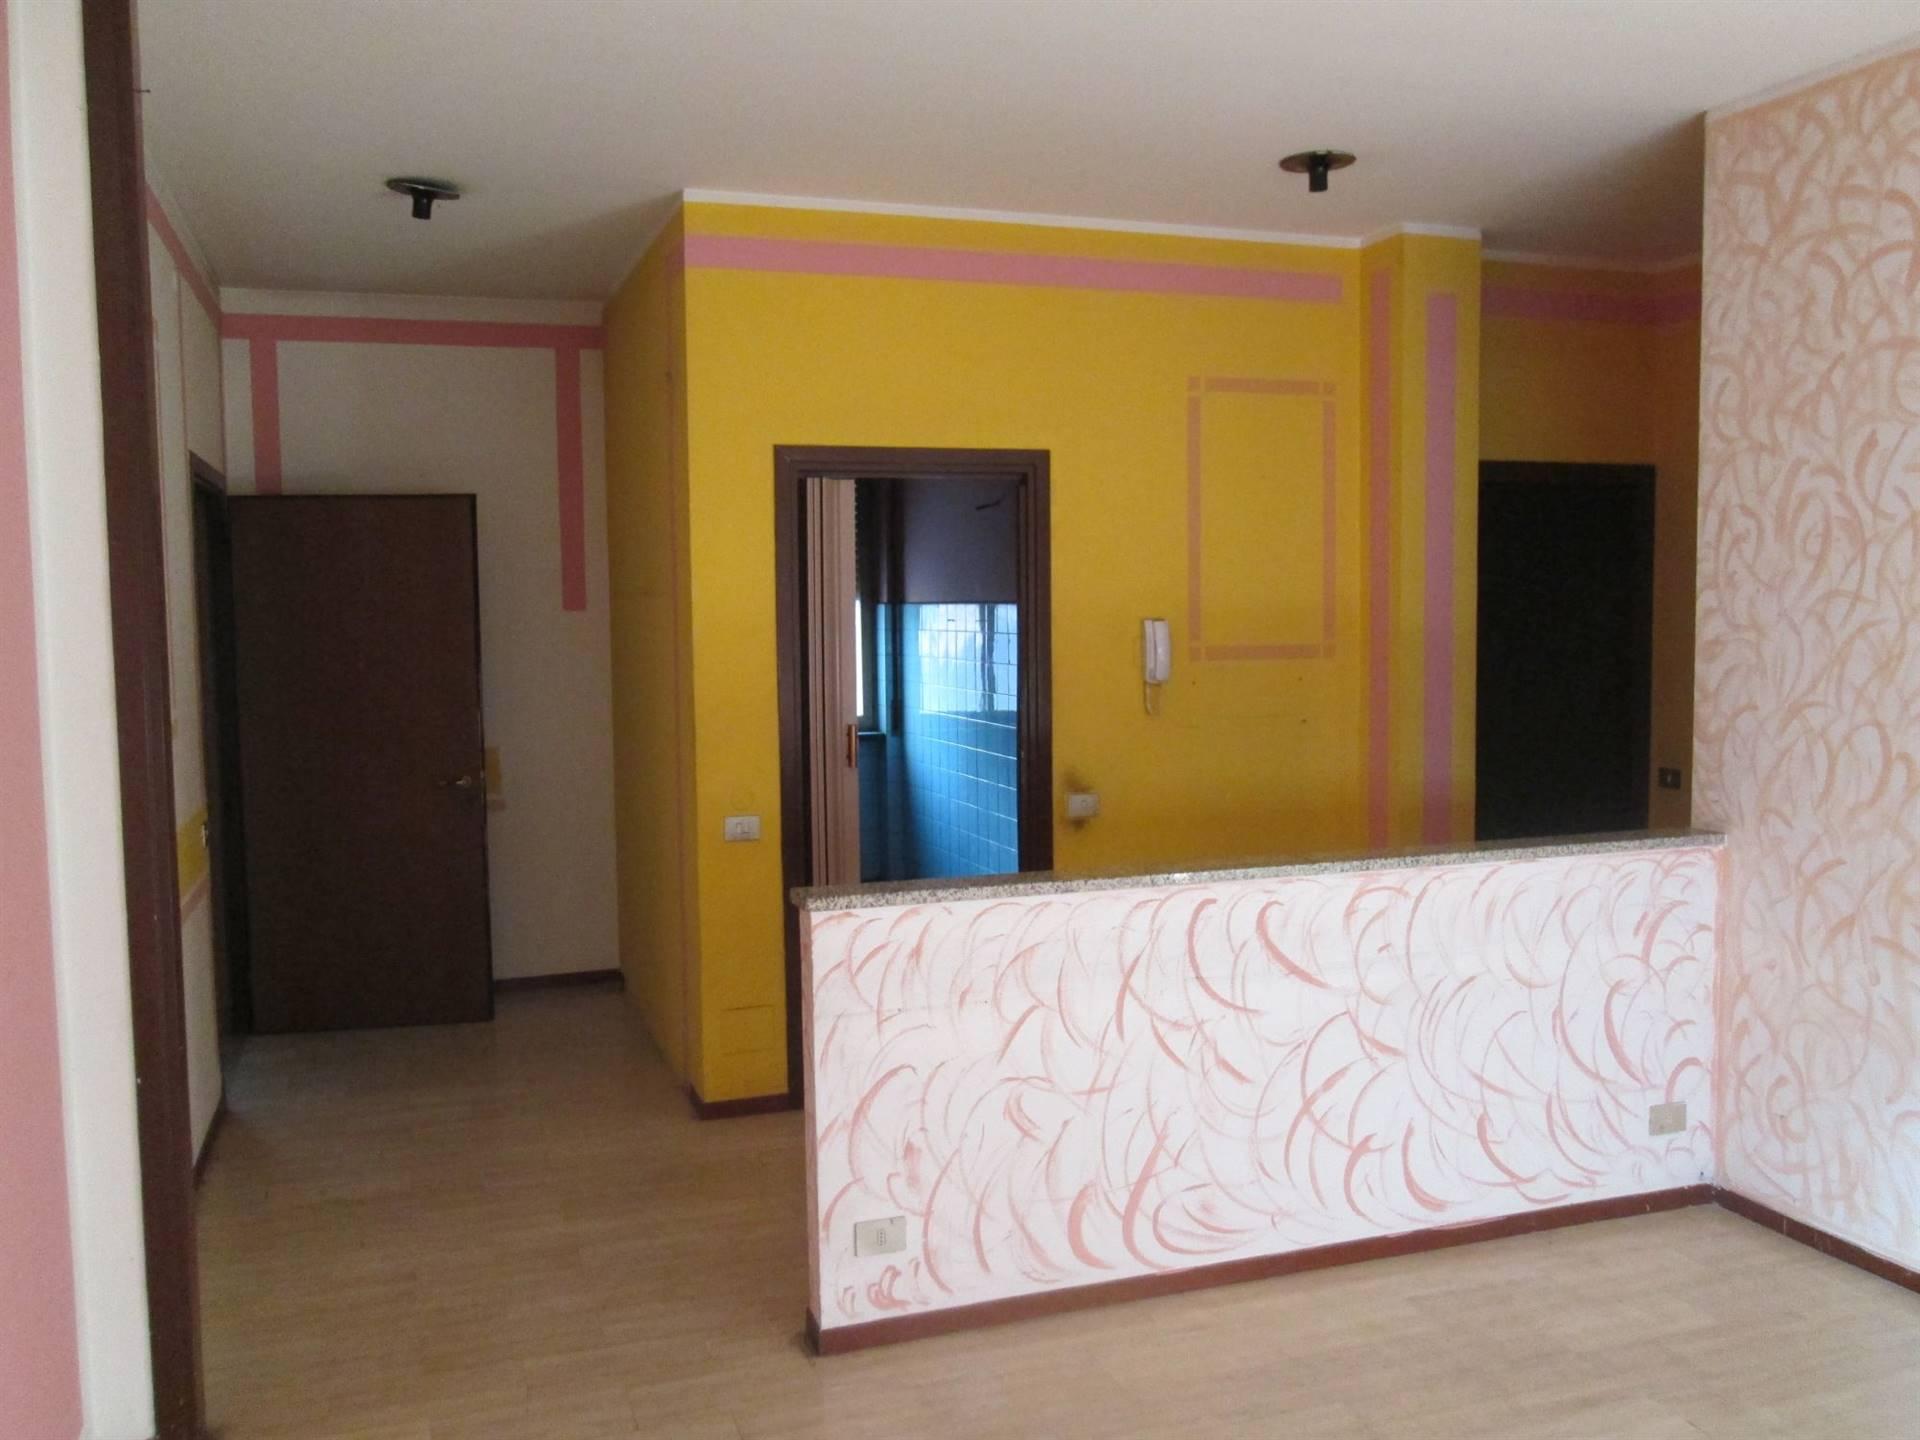 Appartamento in vendita a Saronno, 3 locali, zona Zona: Prealpi, prezzo € 115.000 | CambioCasa.it